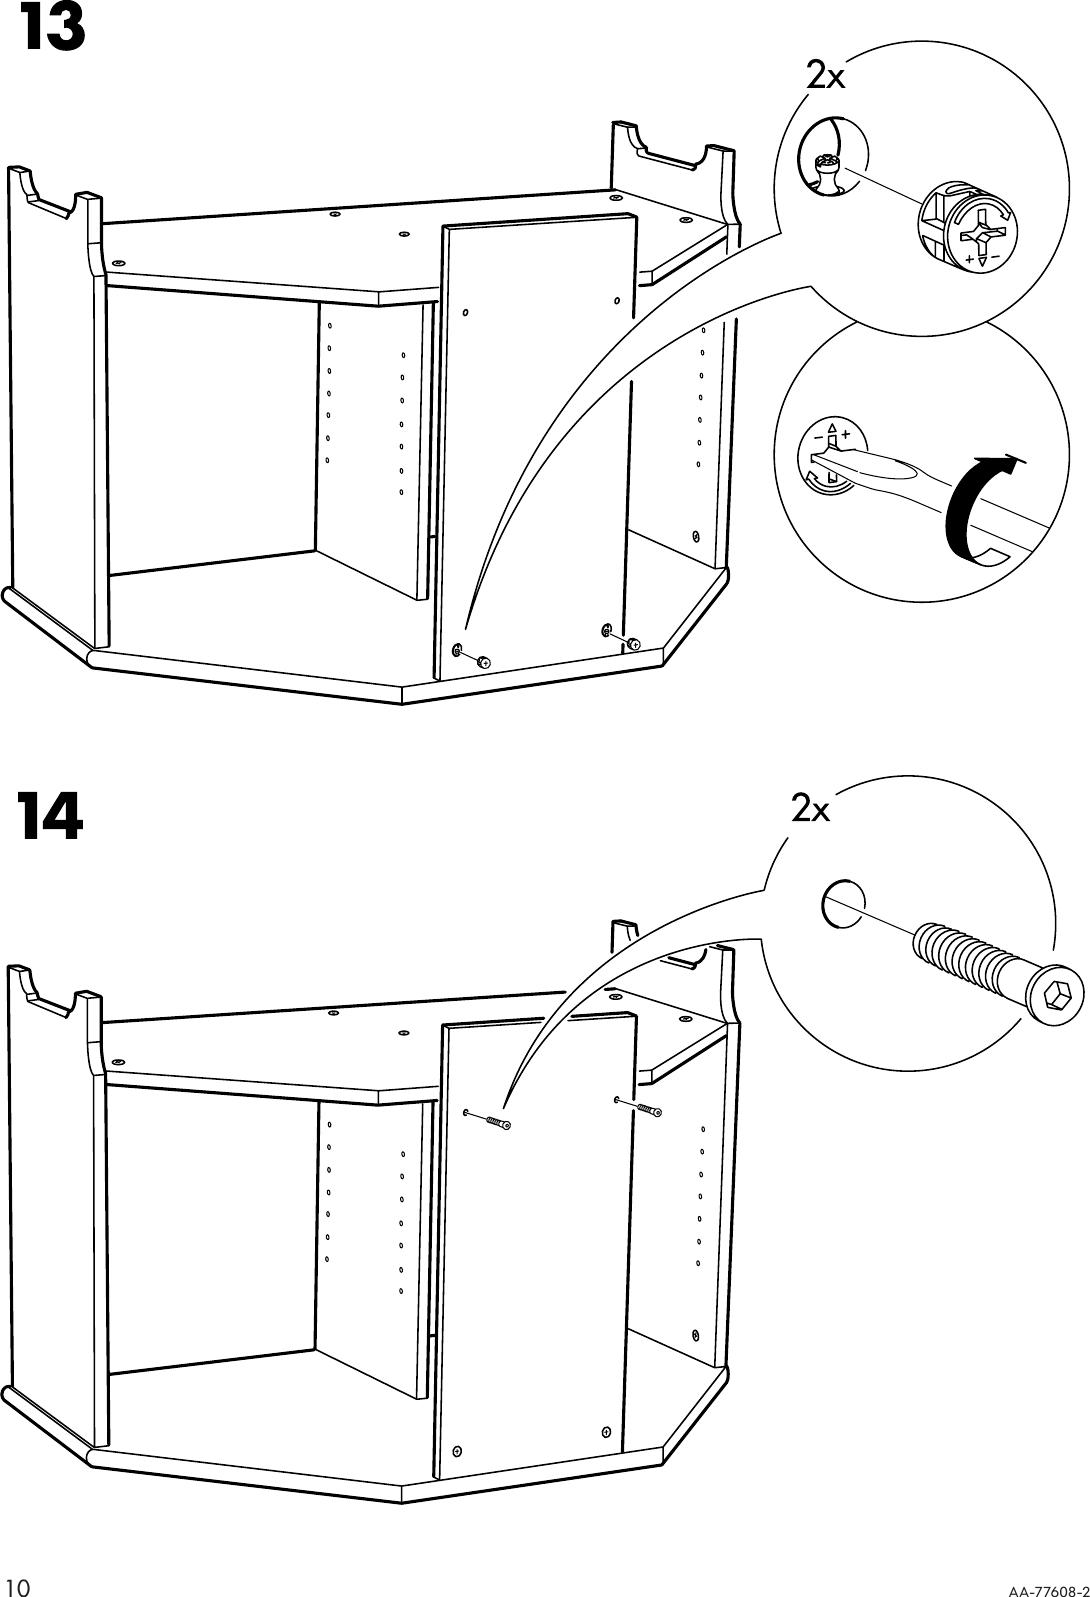 Ikea Leksvik Corner Tv Bench 39X24 Assembly Instruction